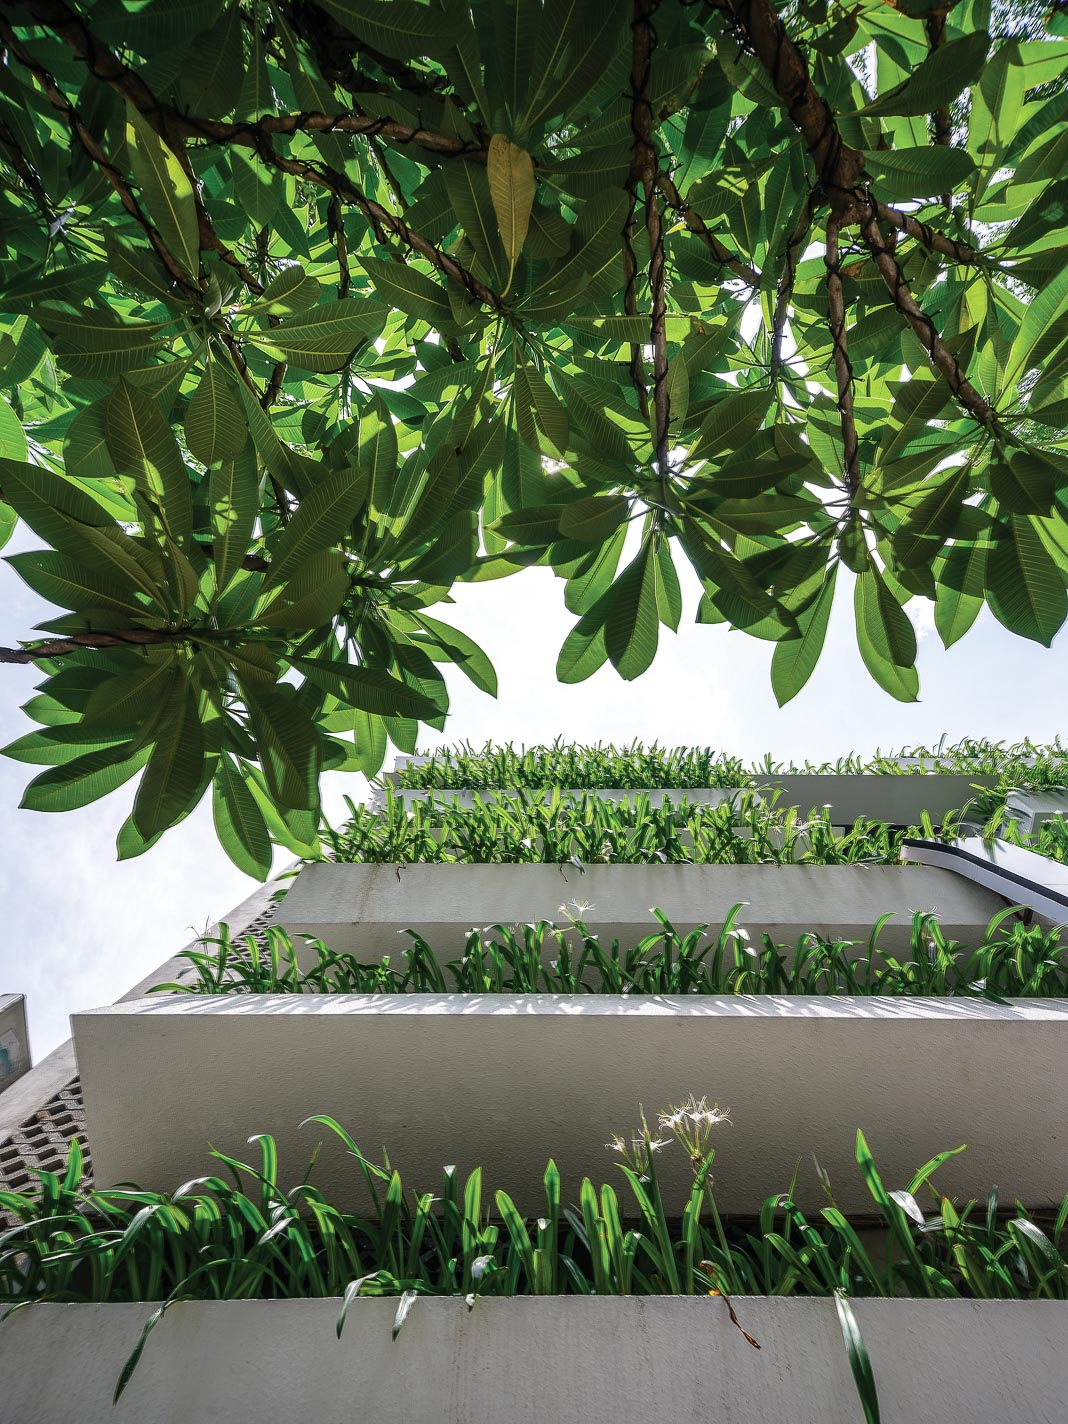 Mái vươn rộng, khối nhà lồi lõm, phủ cây xanh… giúp giảm lượng nhiệt truyền trực tiếp và nhiệt phản chiếu lên các bề mặt nhà 2